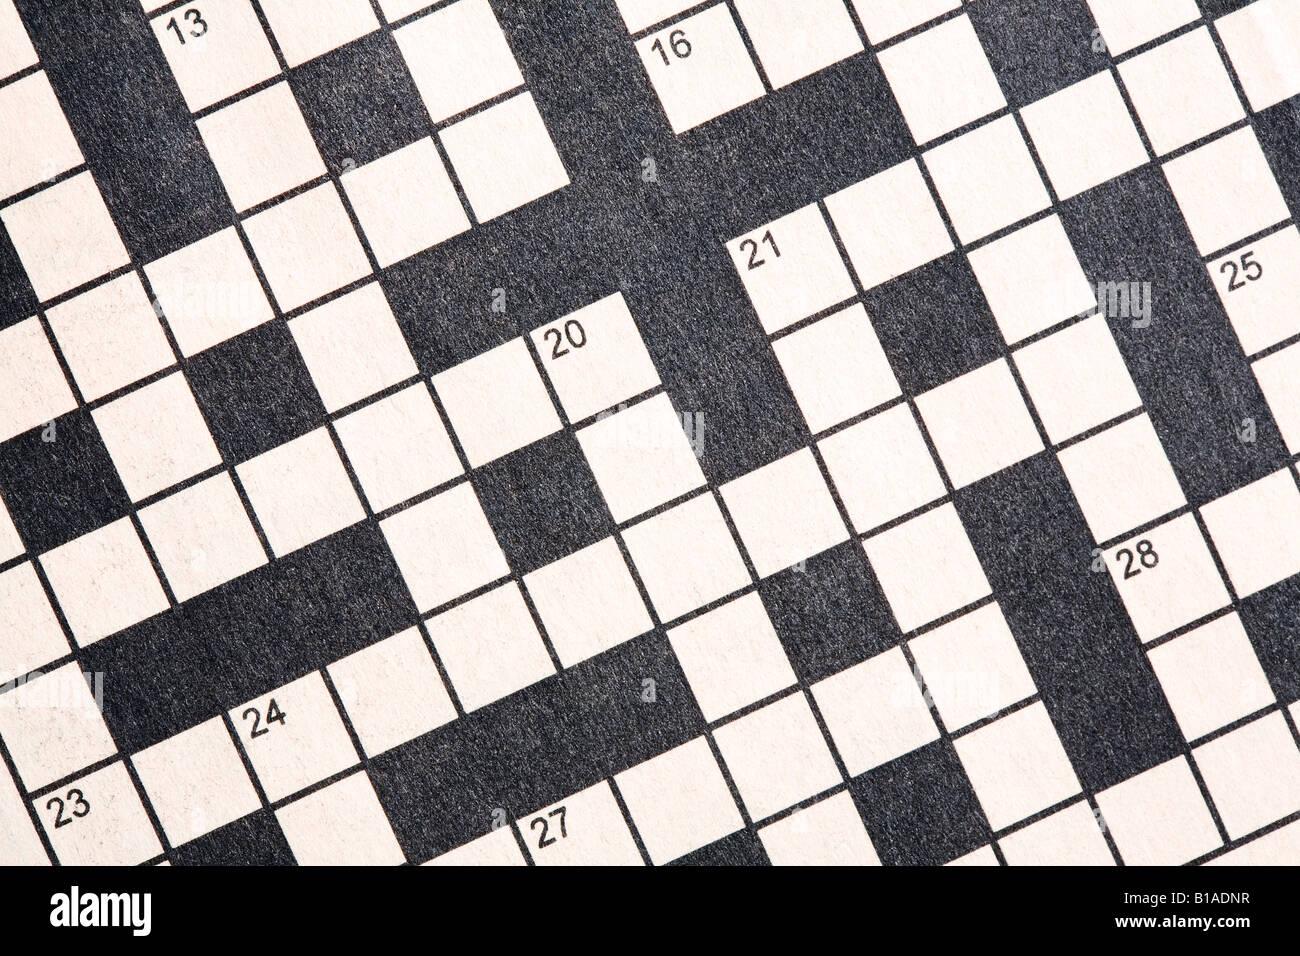 Berühmt Leere Kreuzworträtsel Vorlage Galerie - Beispiel ...